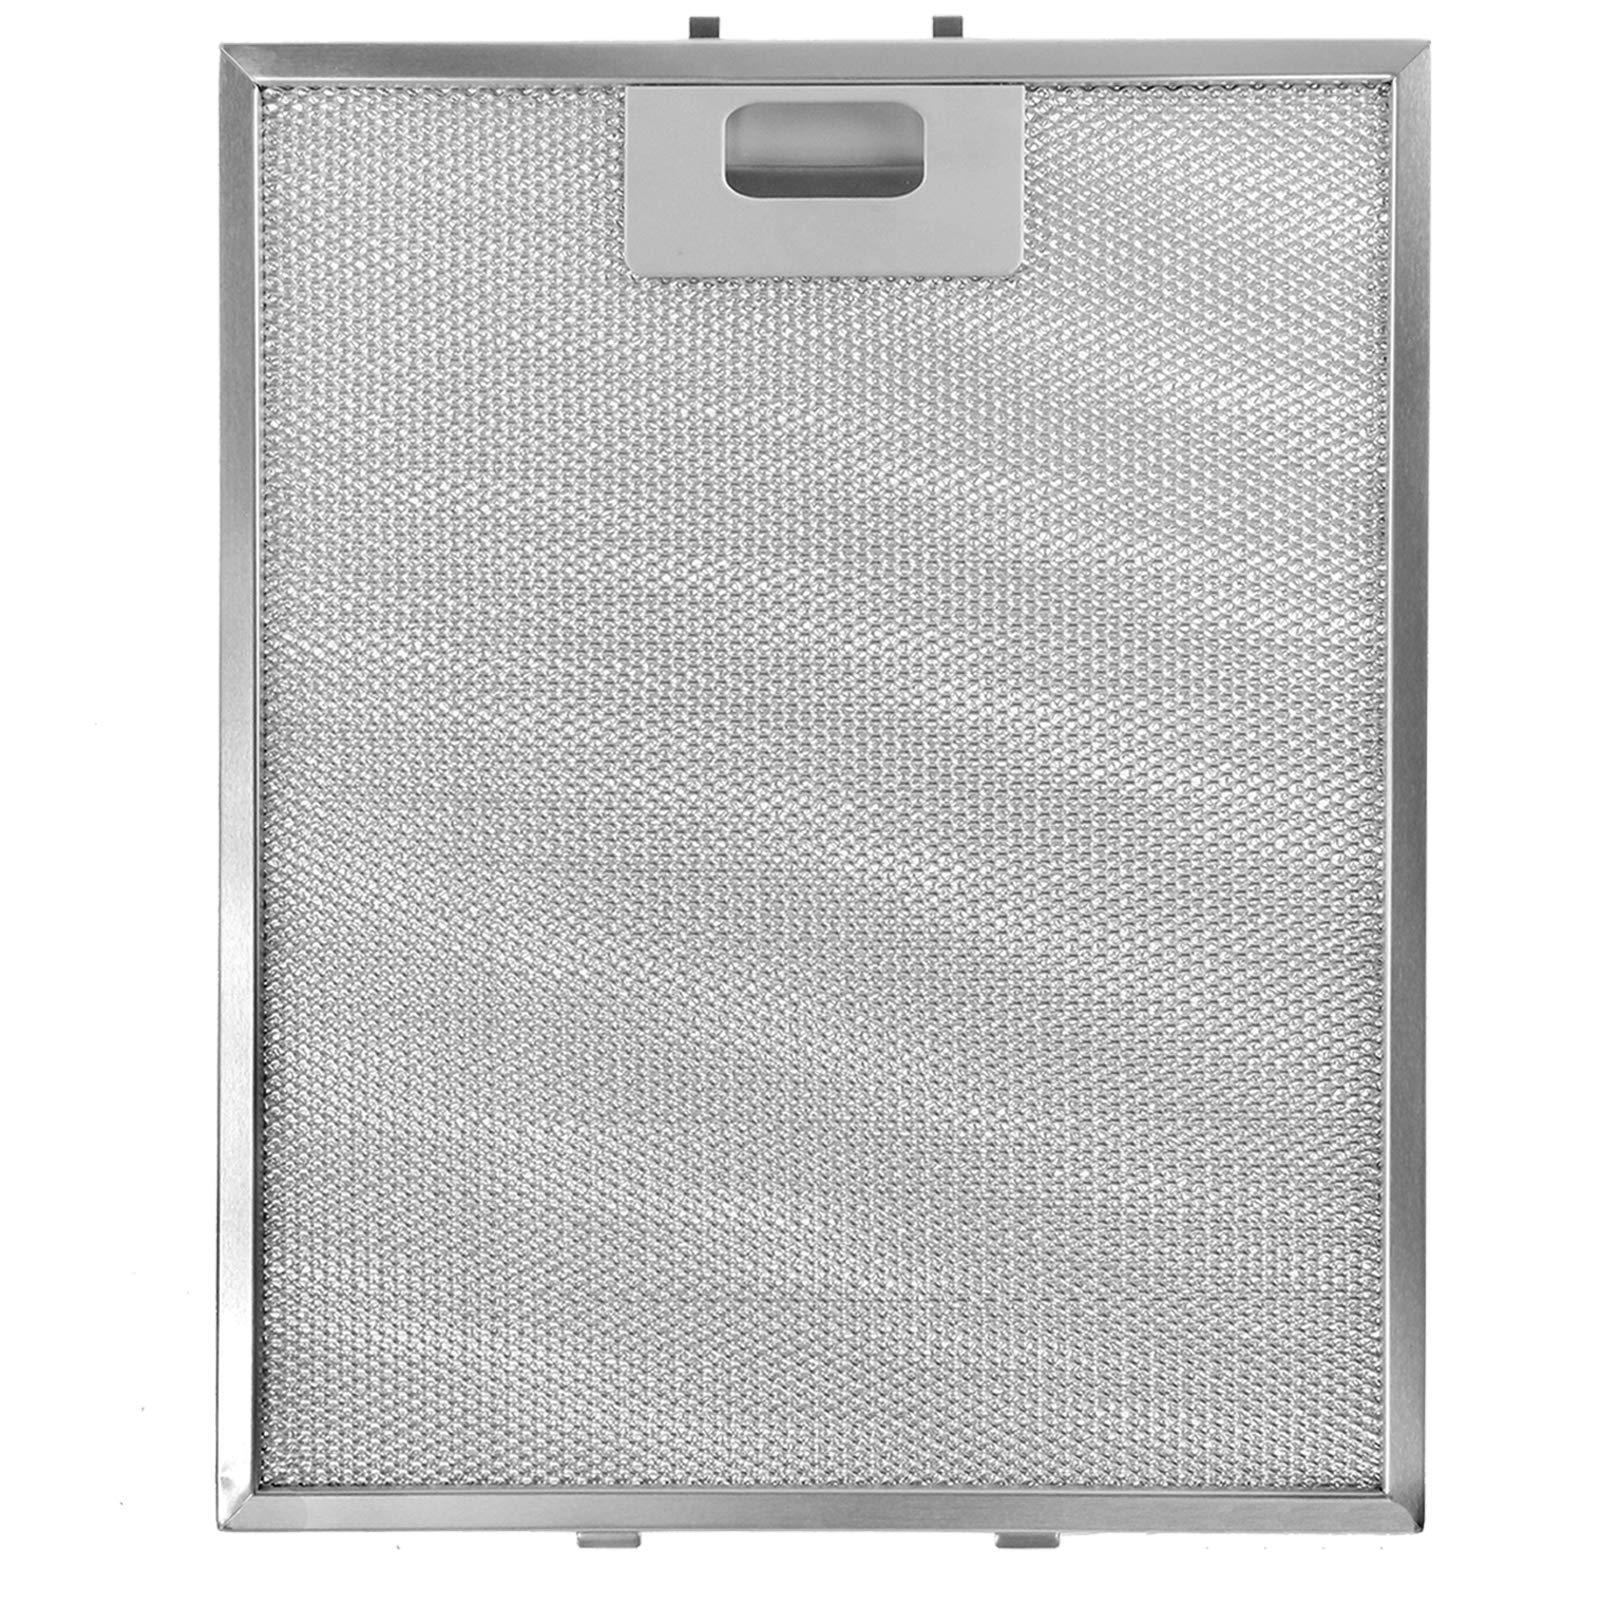 Spares2go Filtro de malla de aluminio para campana extractora IKEA (305 x 265 mm): Amazon.es: Grandes electrodomésticos